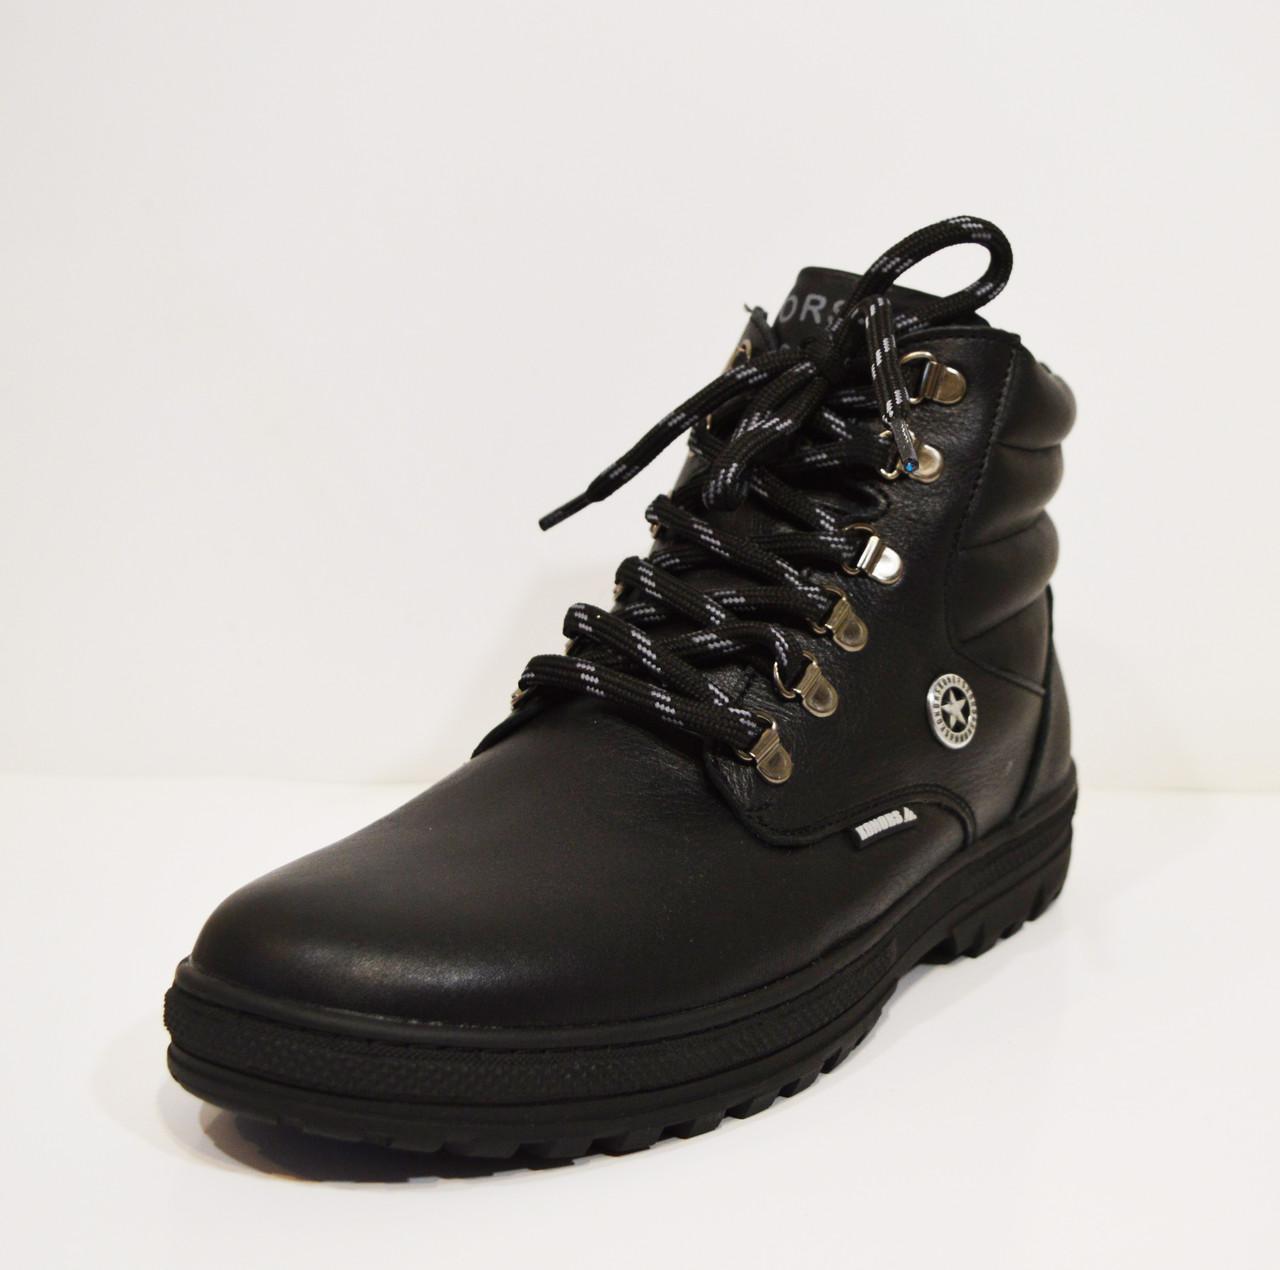 5f428ea9e Зимние мужские ботинки Konors 906 - КРЕЩАТИК - интернет магазин обуви в  Александрии